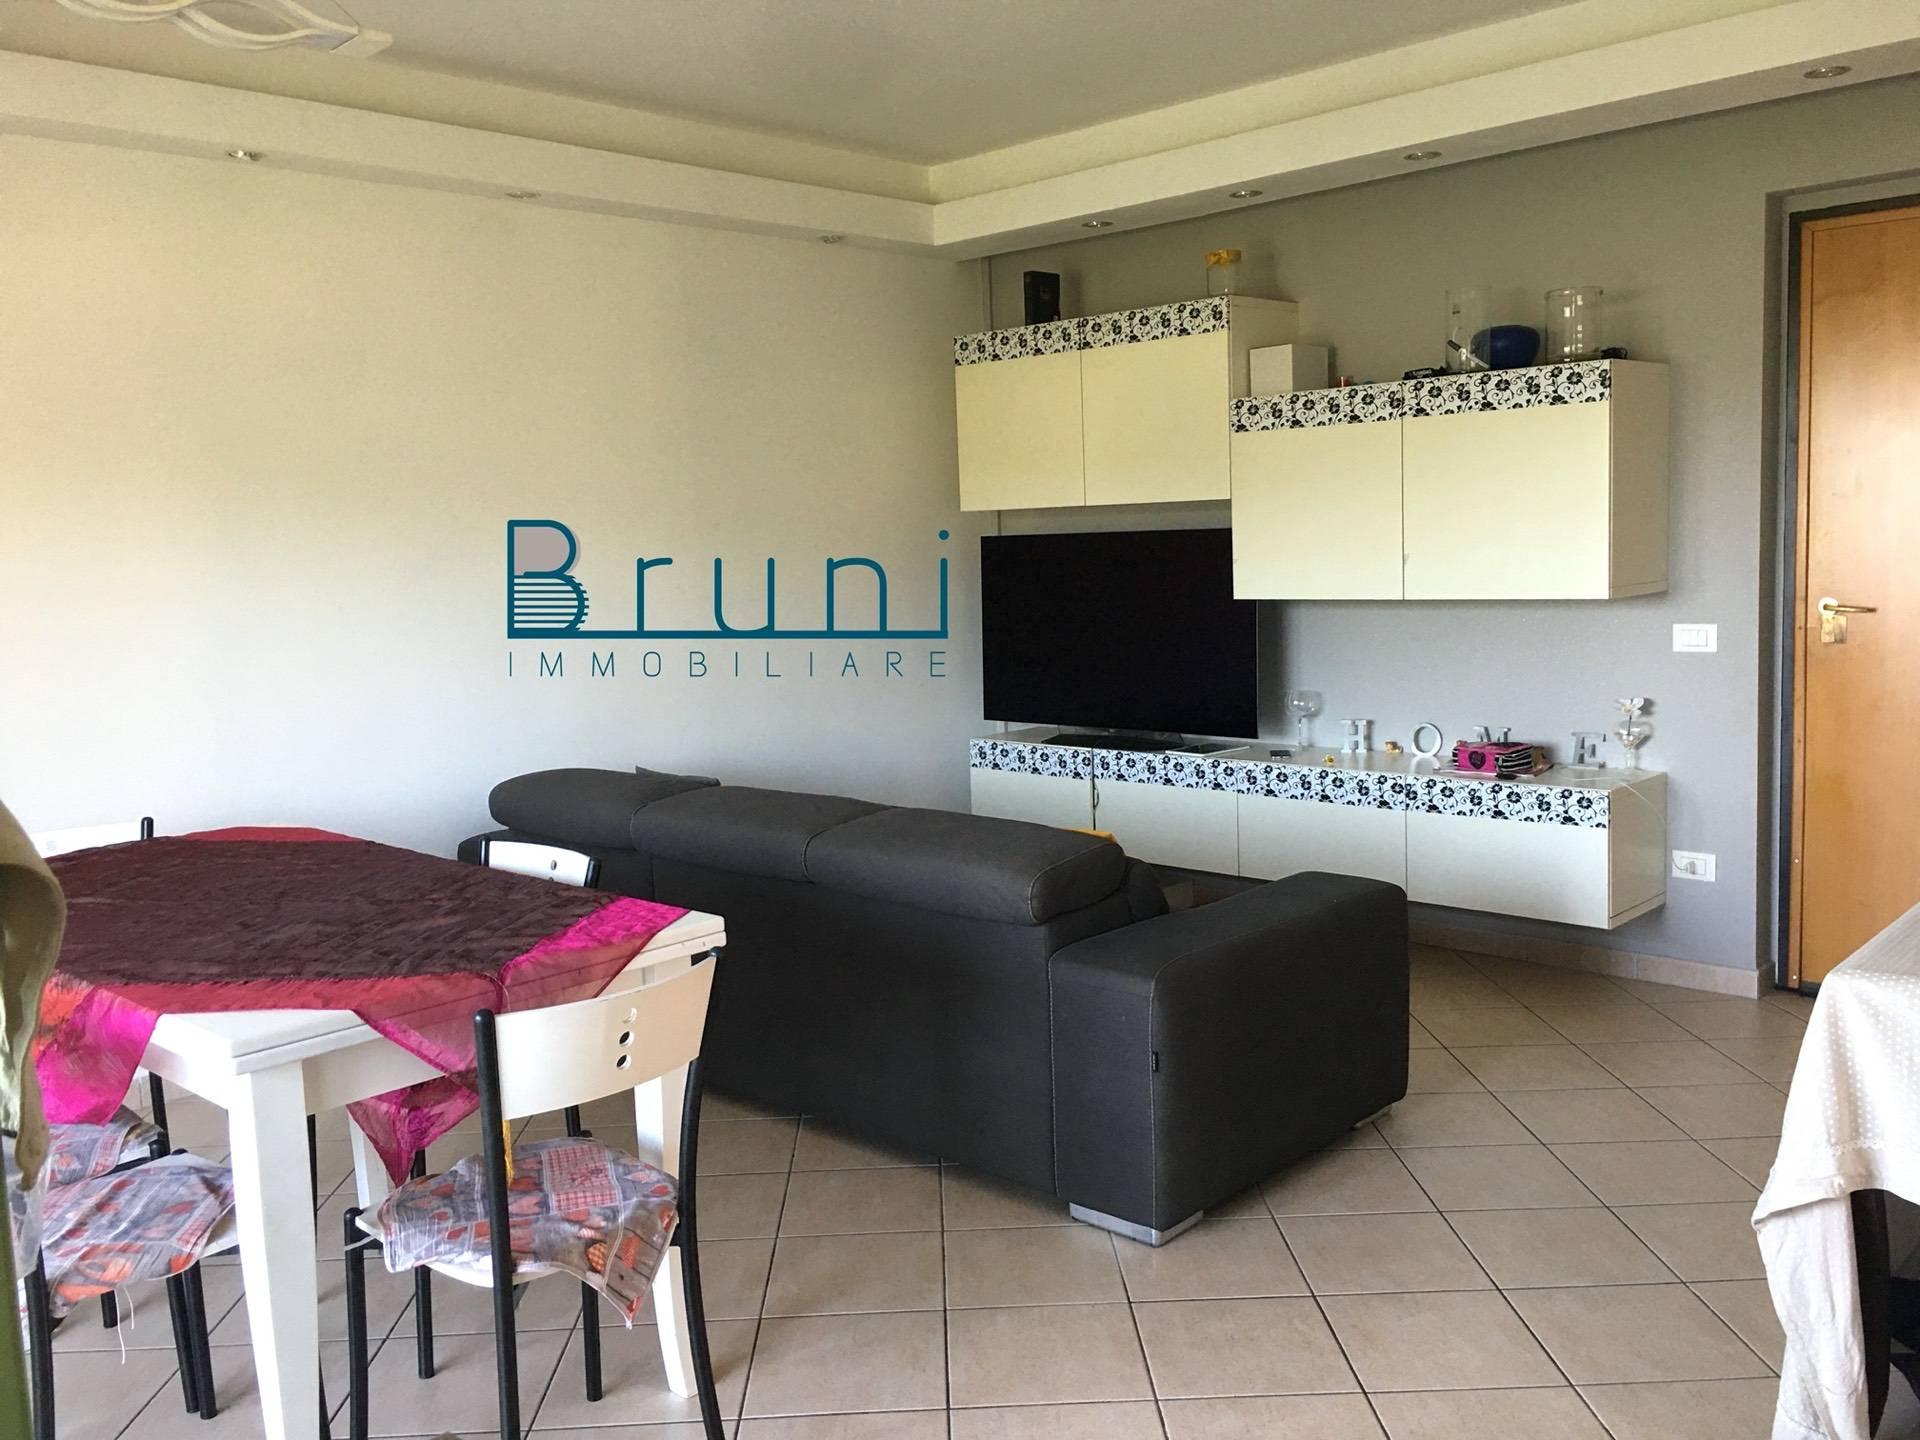 Appartamento in vendita a Acquaviva Picena, 3 locali, prezzo € 120.000 | CambioCasa.it